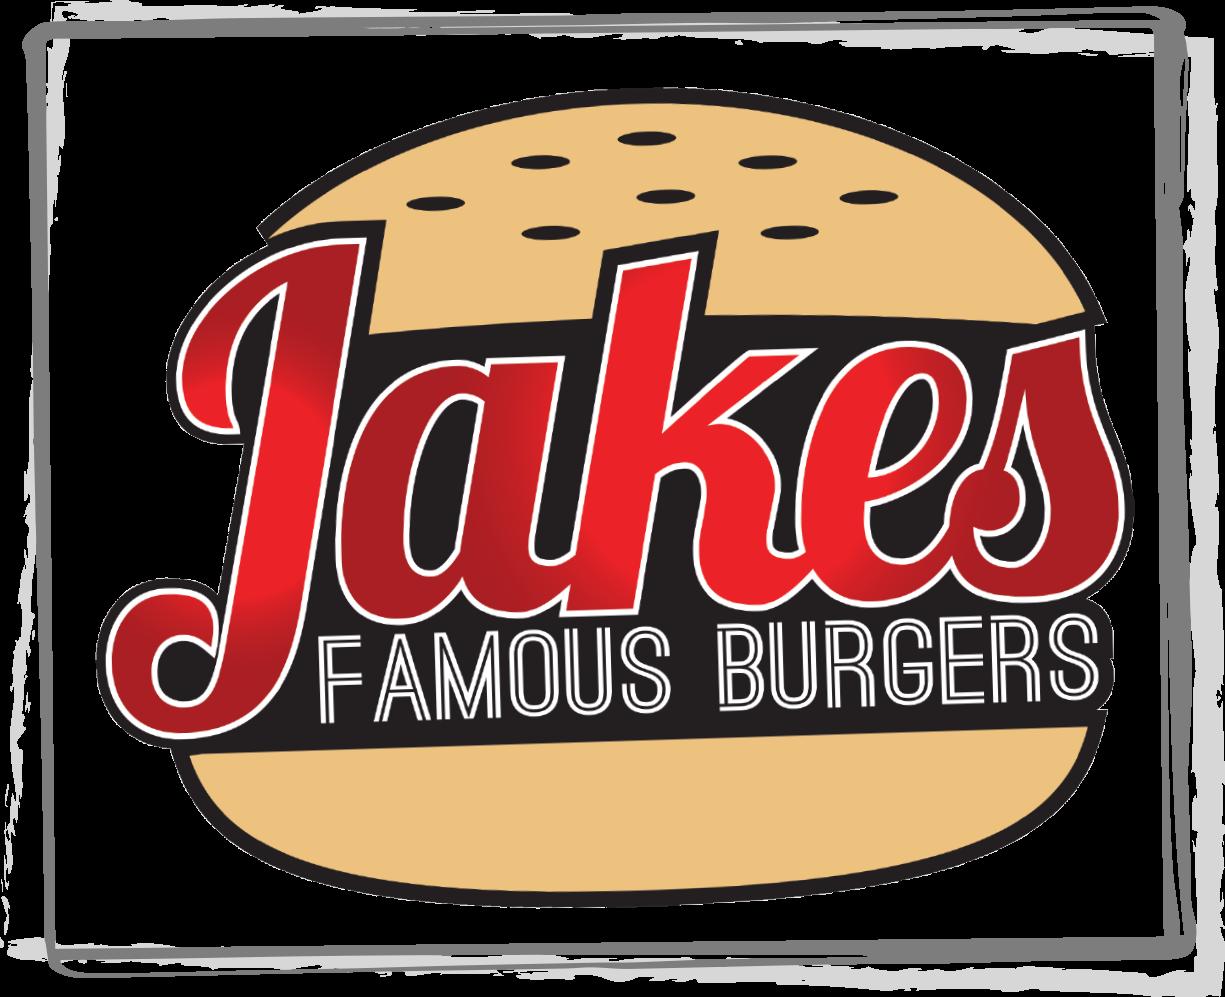 Jake's Famous Burgers